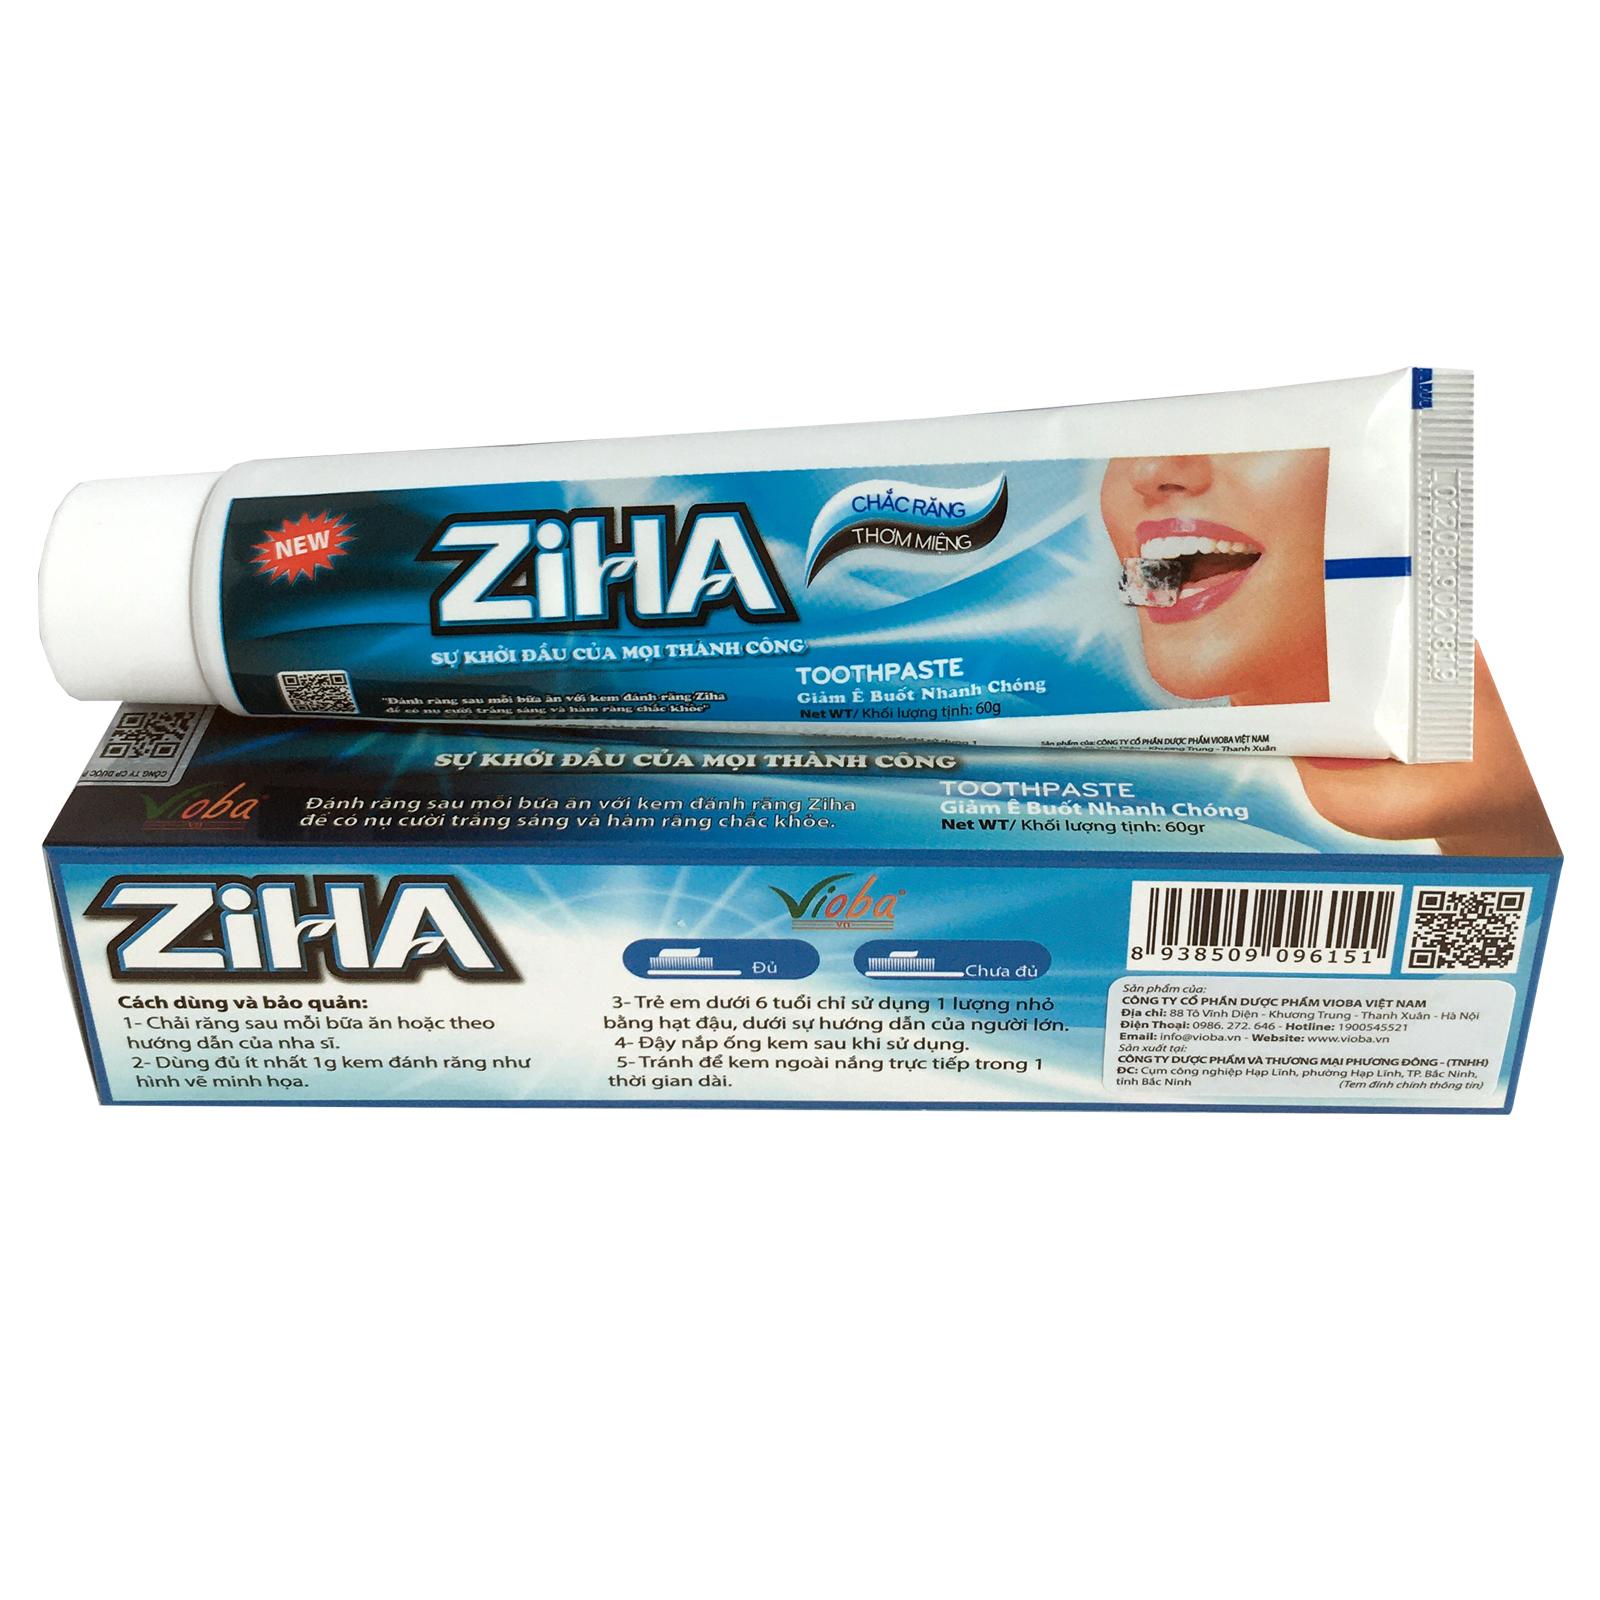 [2 hộp]  Kem đánh răng ZIHA - Giảm ê buốt nhanh chóng, giảm nhiệt miệng. Làm sạch, loại bỏ chất bẩn, mảng bám trên răng, giúp răng chắc khỏe, trắng sáng tự nhiên, giữ hơi thở thơm mát. Hộp 60g.